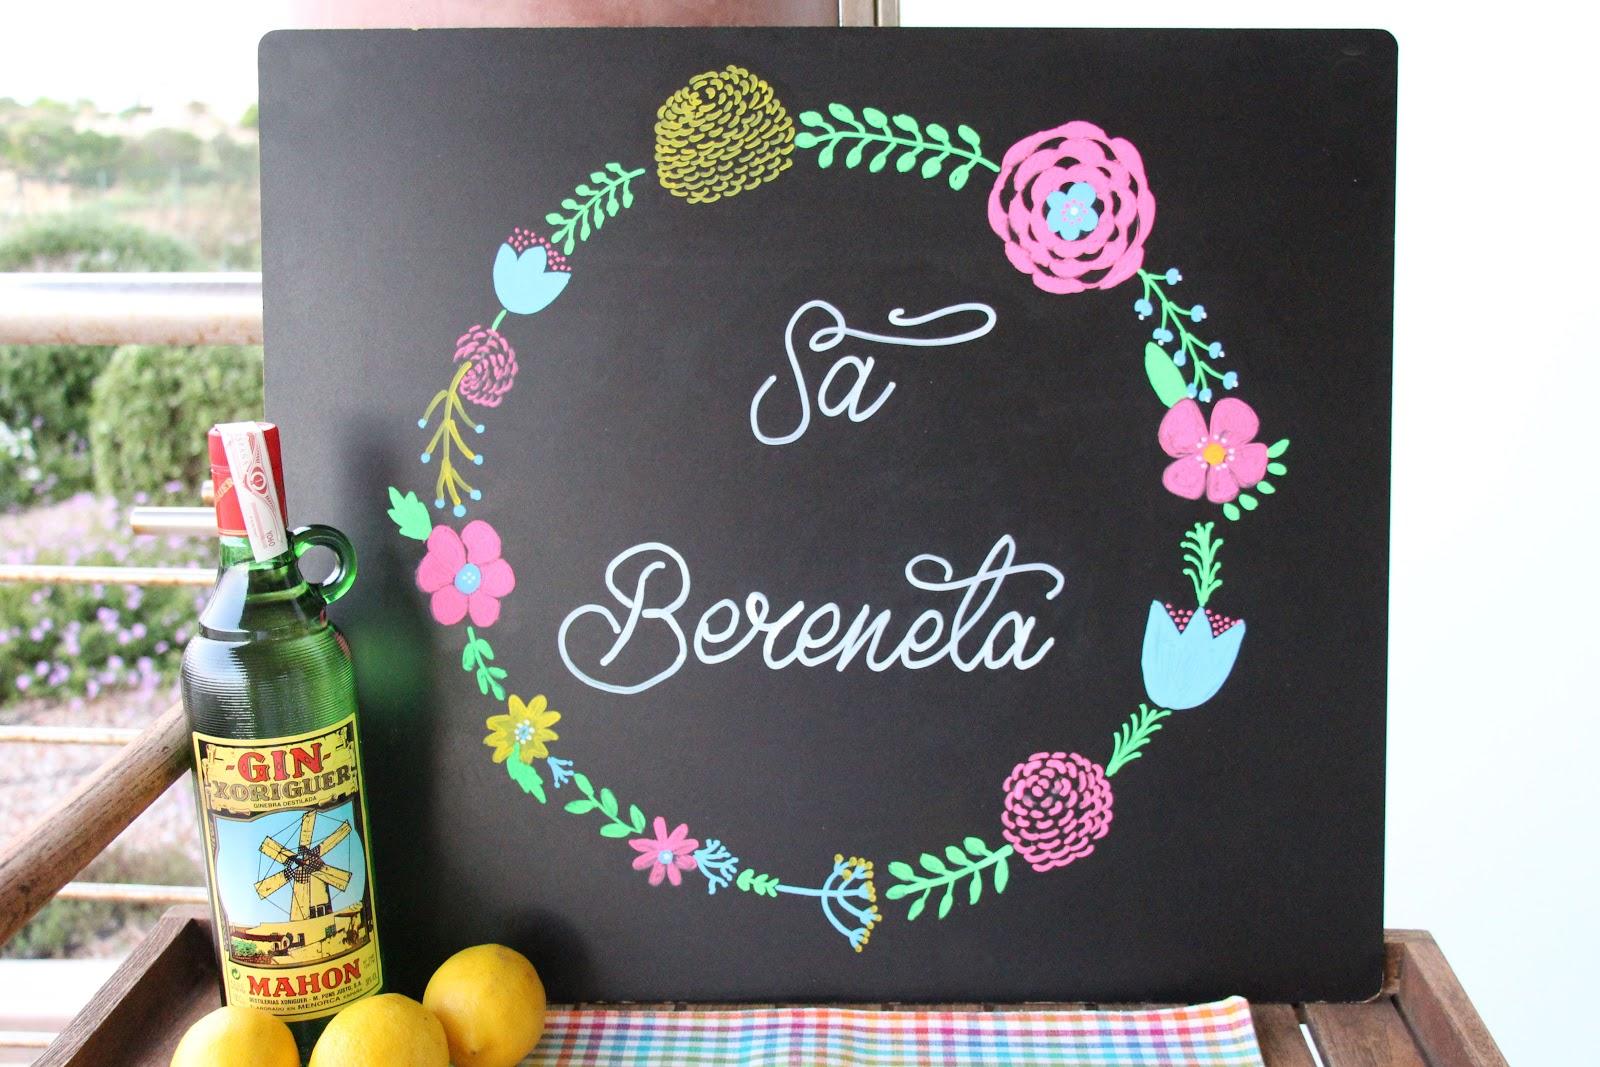 Mardefiesta letra bonita en una pizarra for Como decorar unas facil